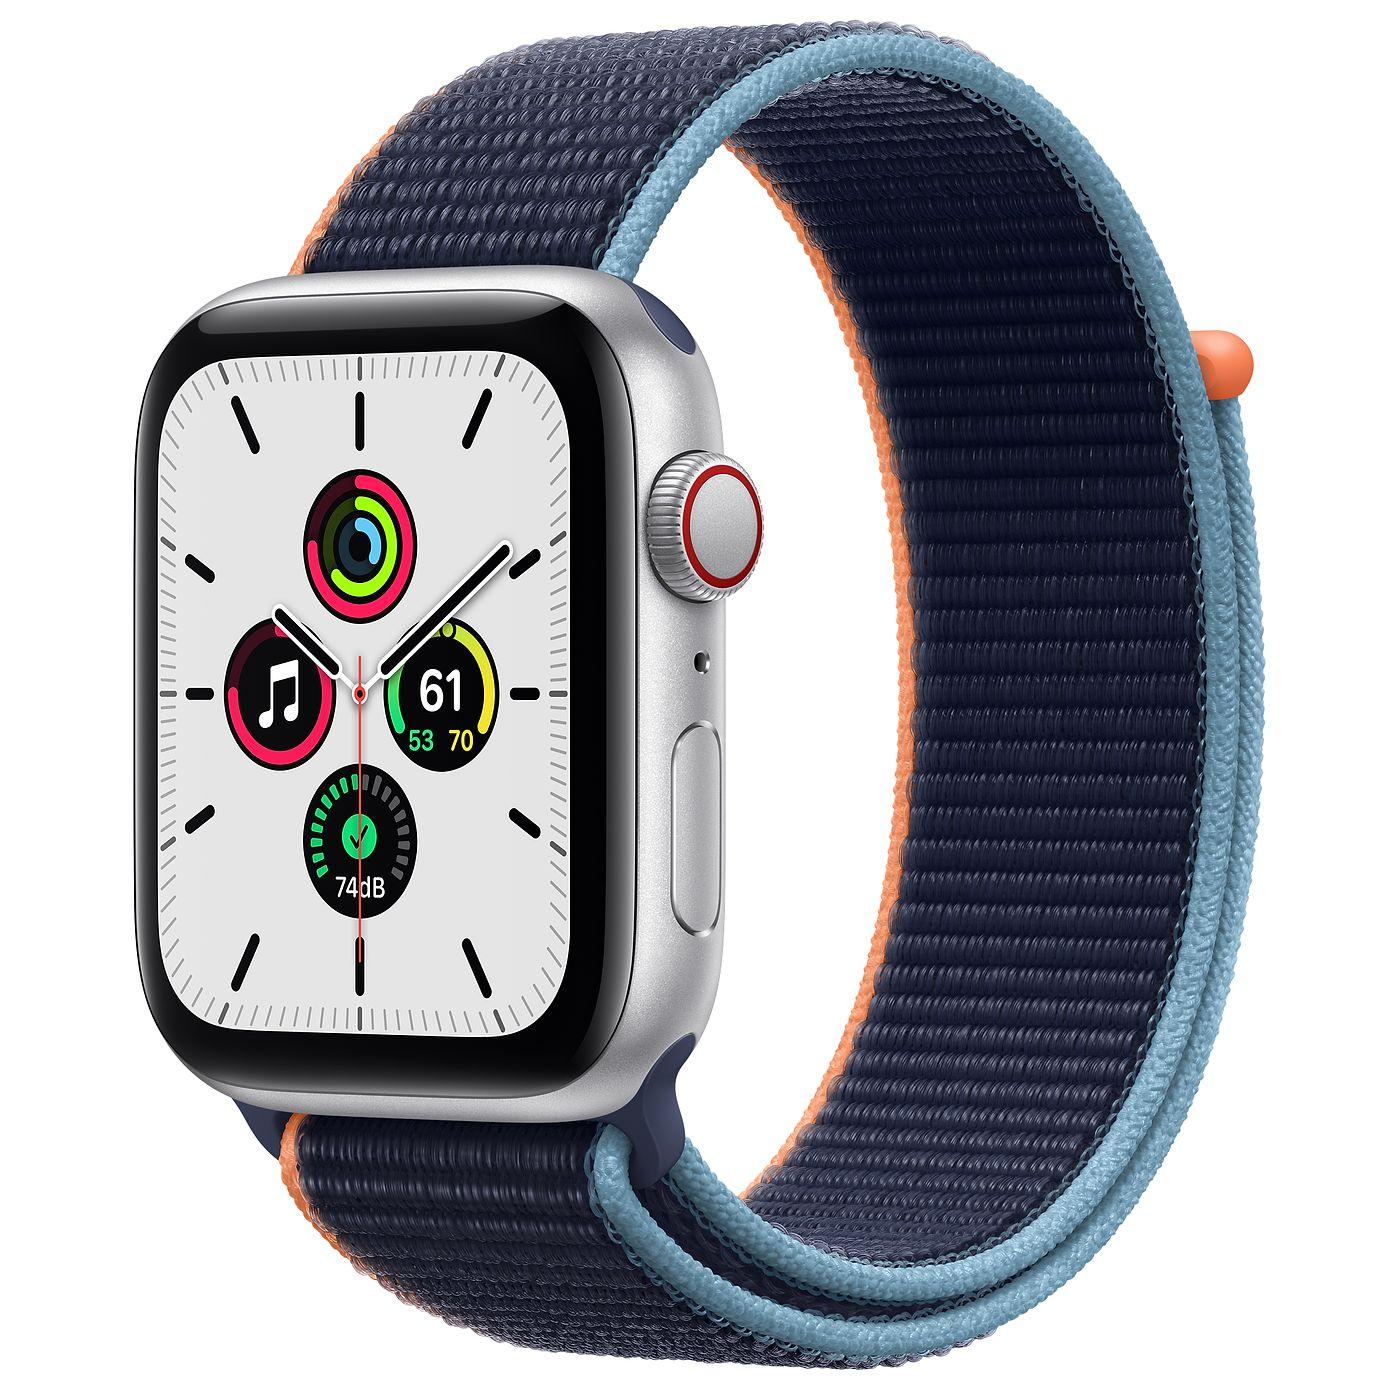 Apple 애플워치 SE, GPS+Cellular, 실버 알루미늄 케이스, 딥 네이비 스포츠 루프